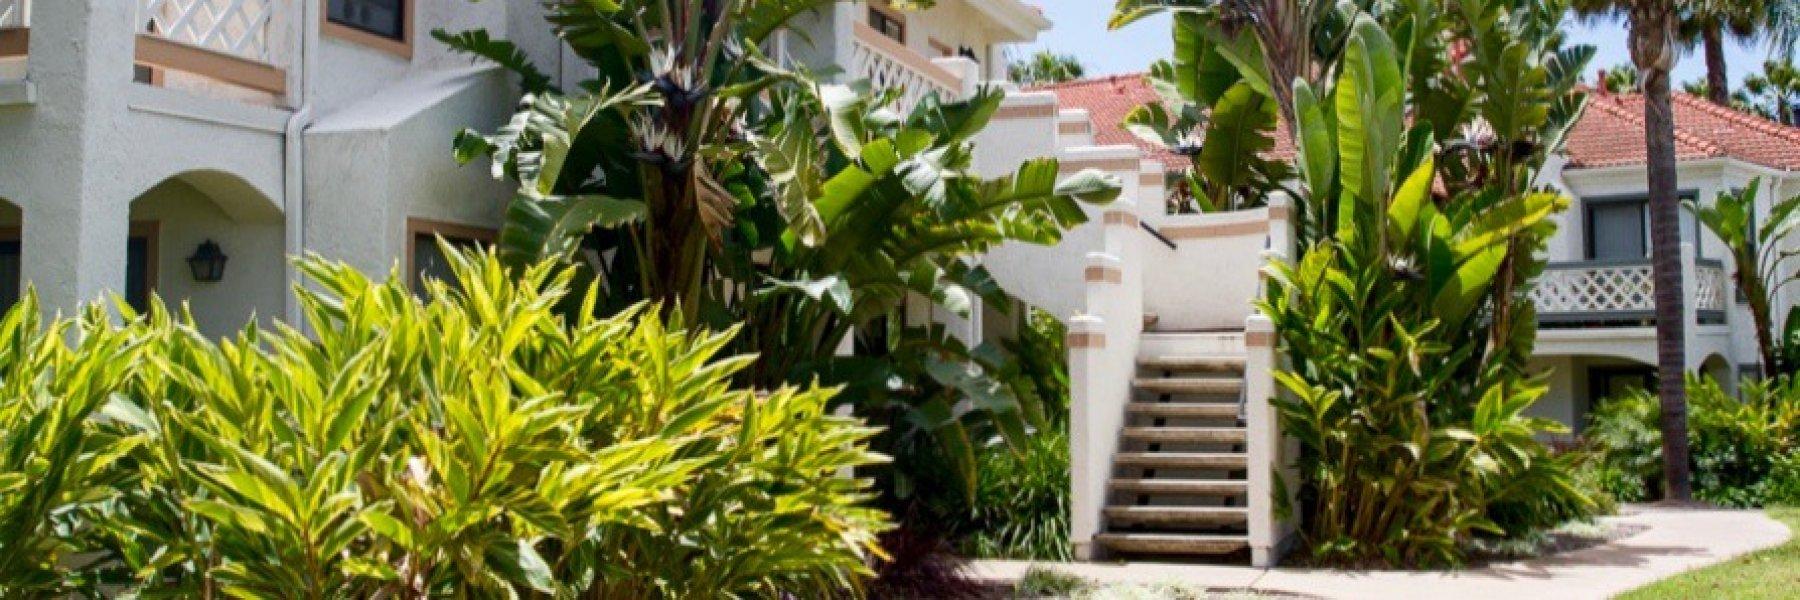 Casablanca is a condo community in San Diego California